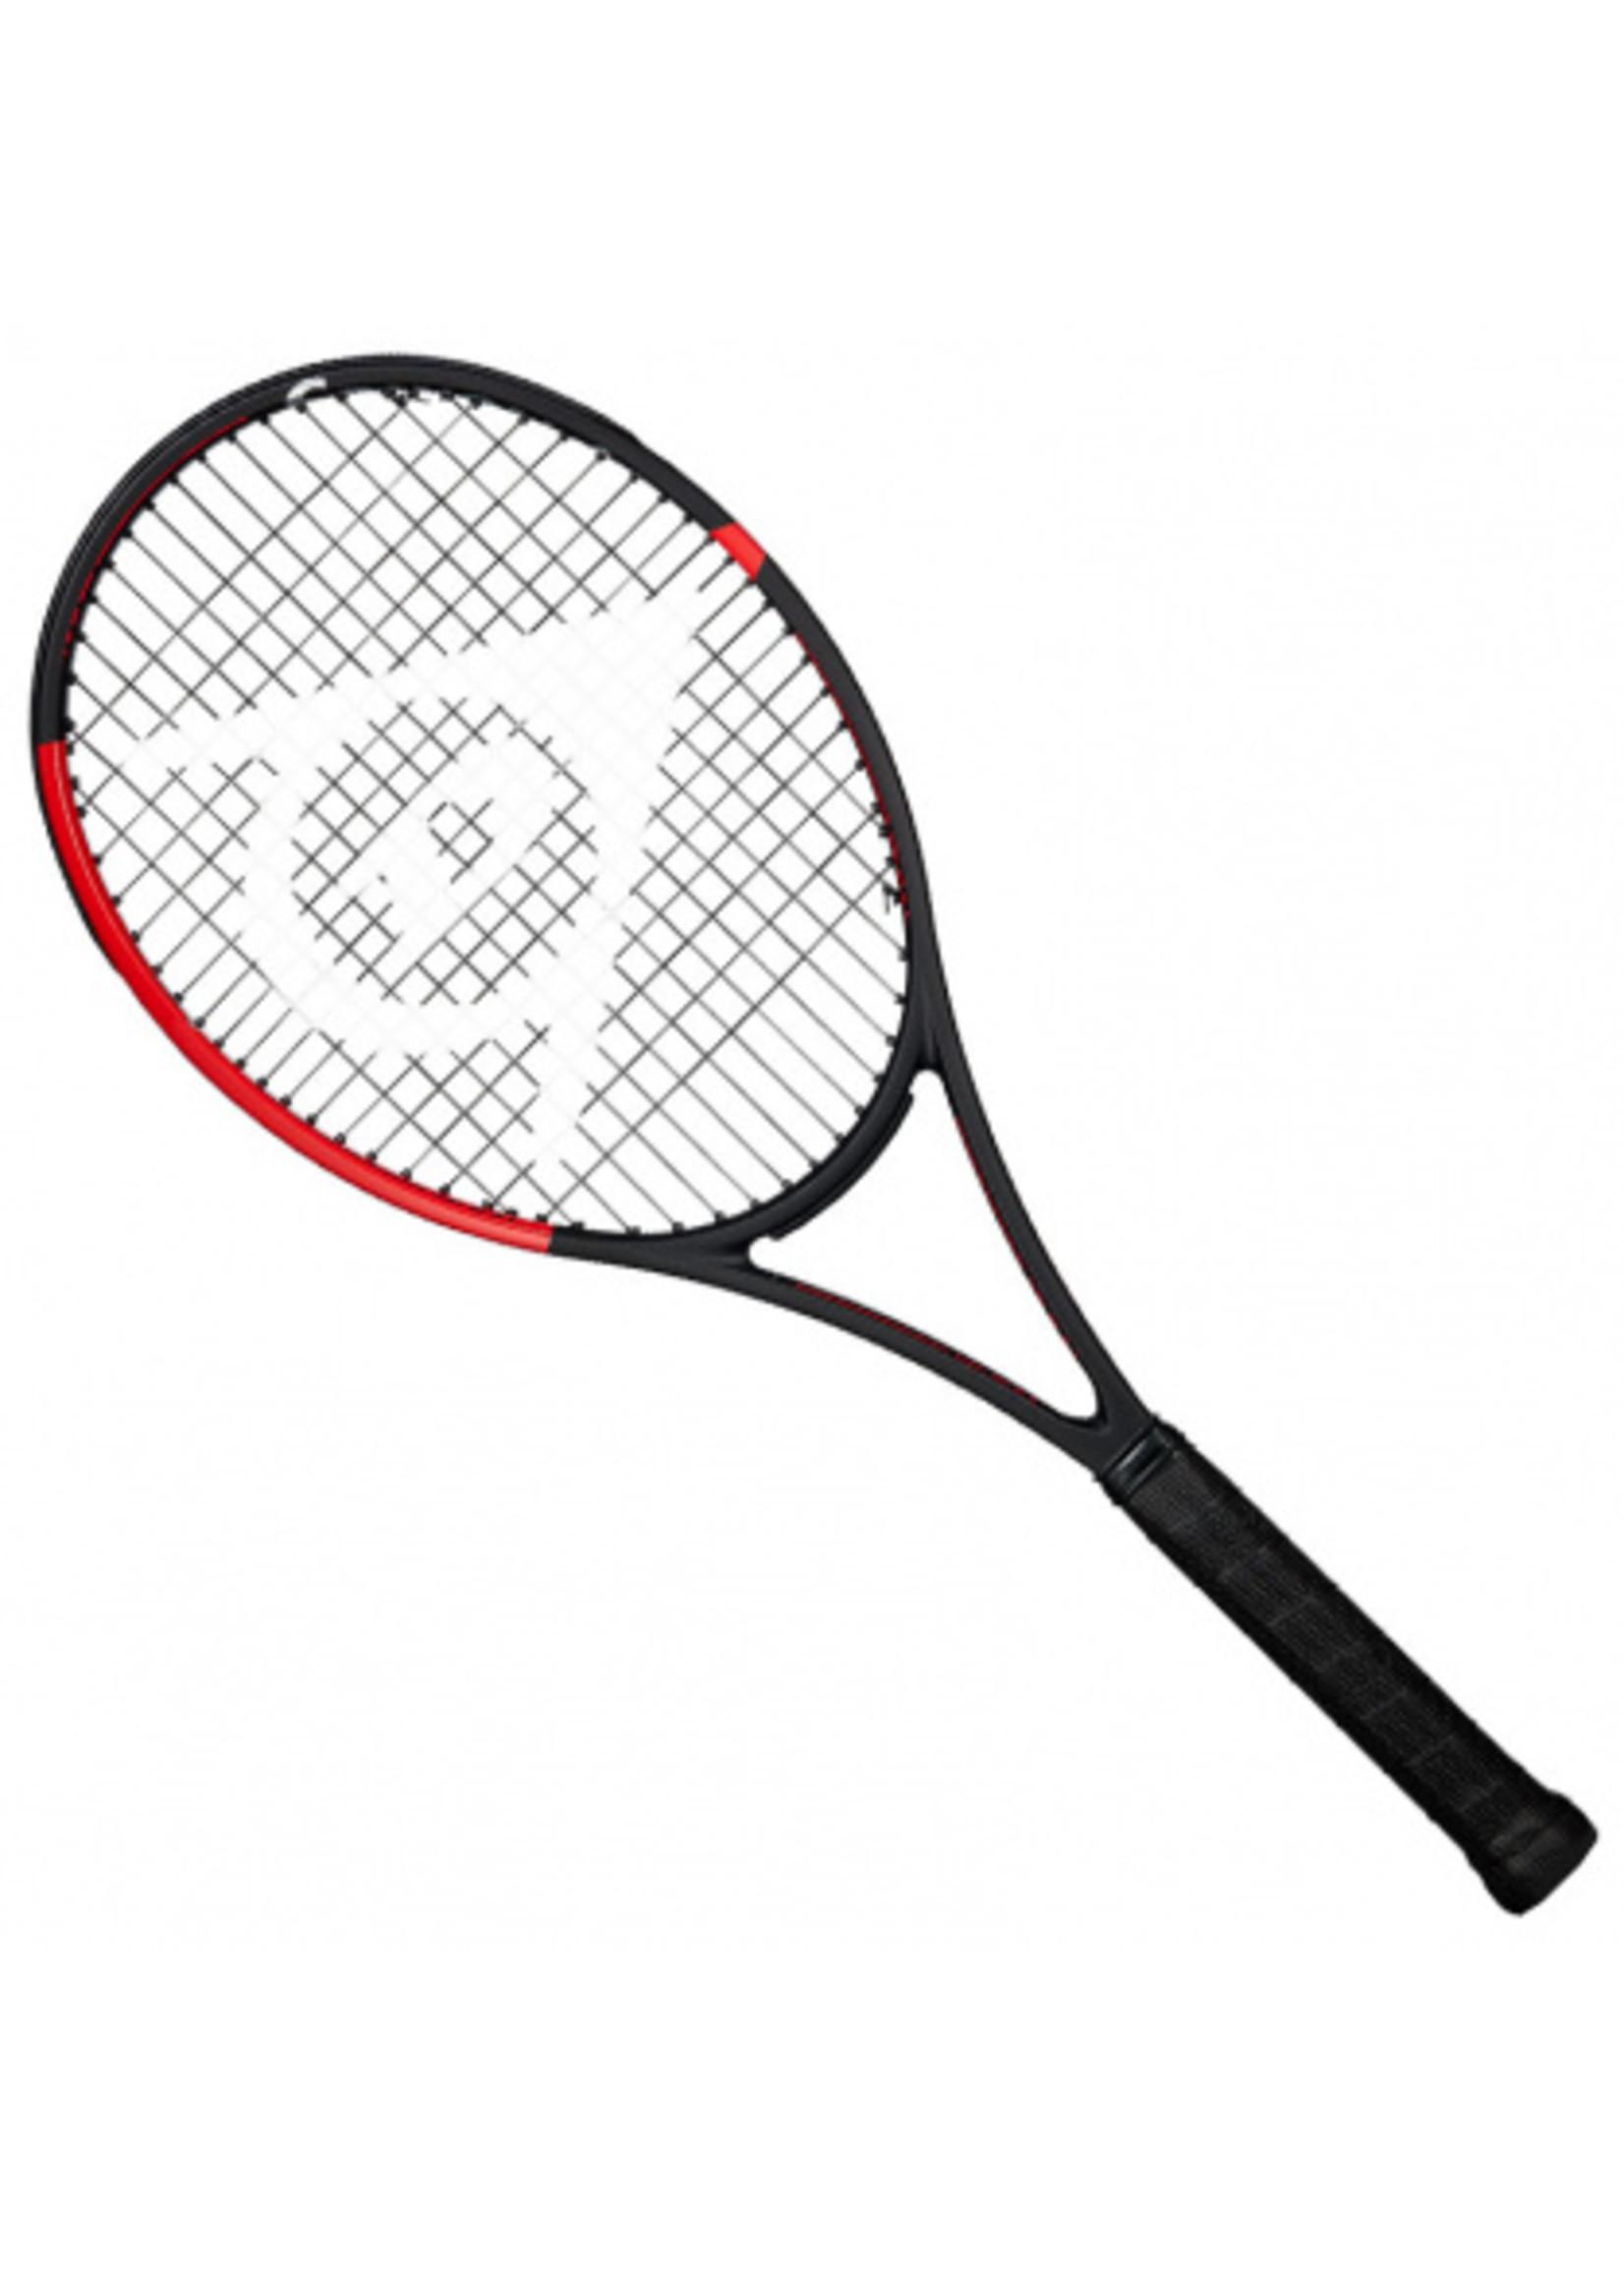 Dunlop Srixon Dunlop Srixon CX 200 Tour (16x19) Tennis Racket (2019)